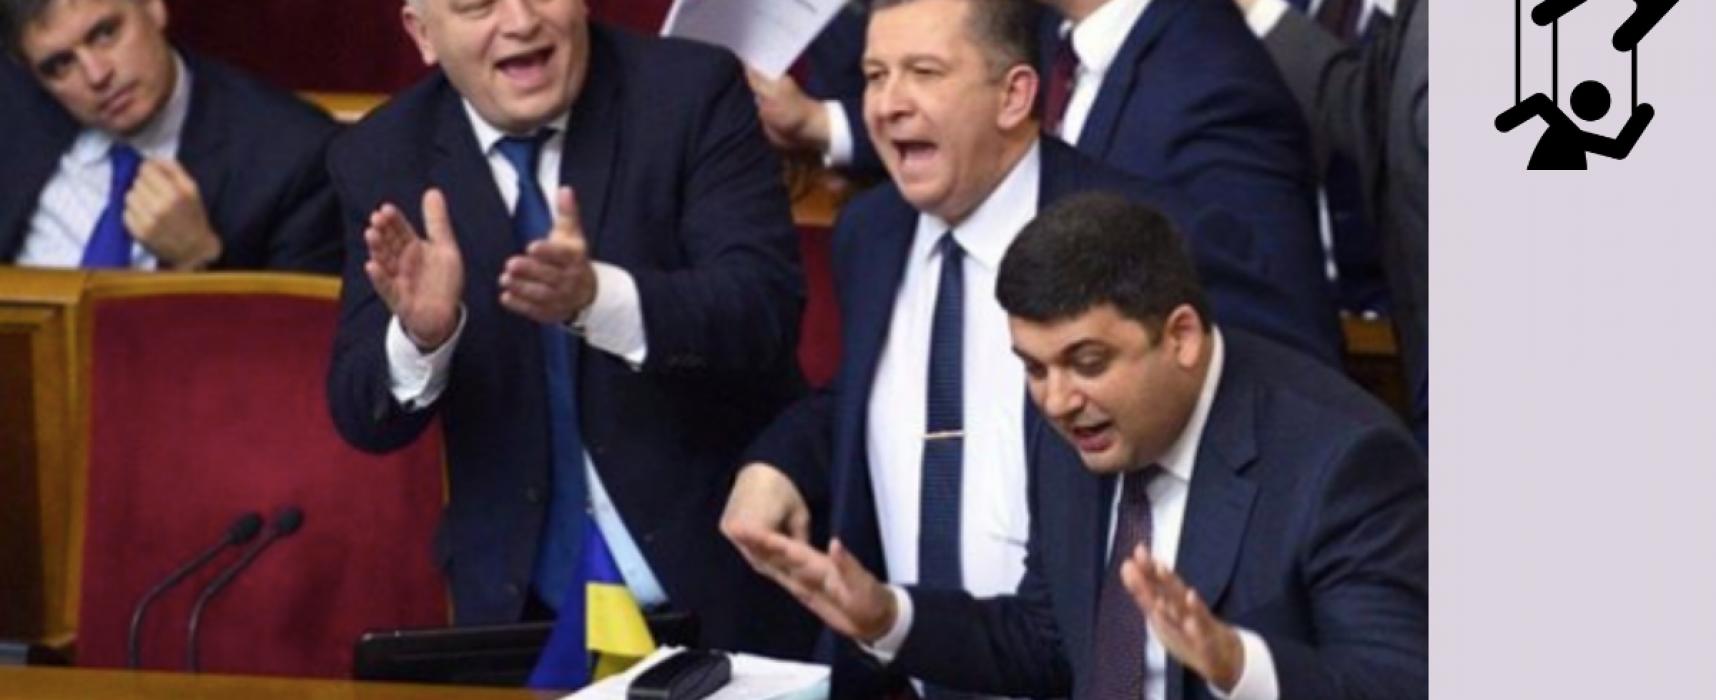 Falso: El parlamento ucraniano aprobó el uso de alimentos caducados